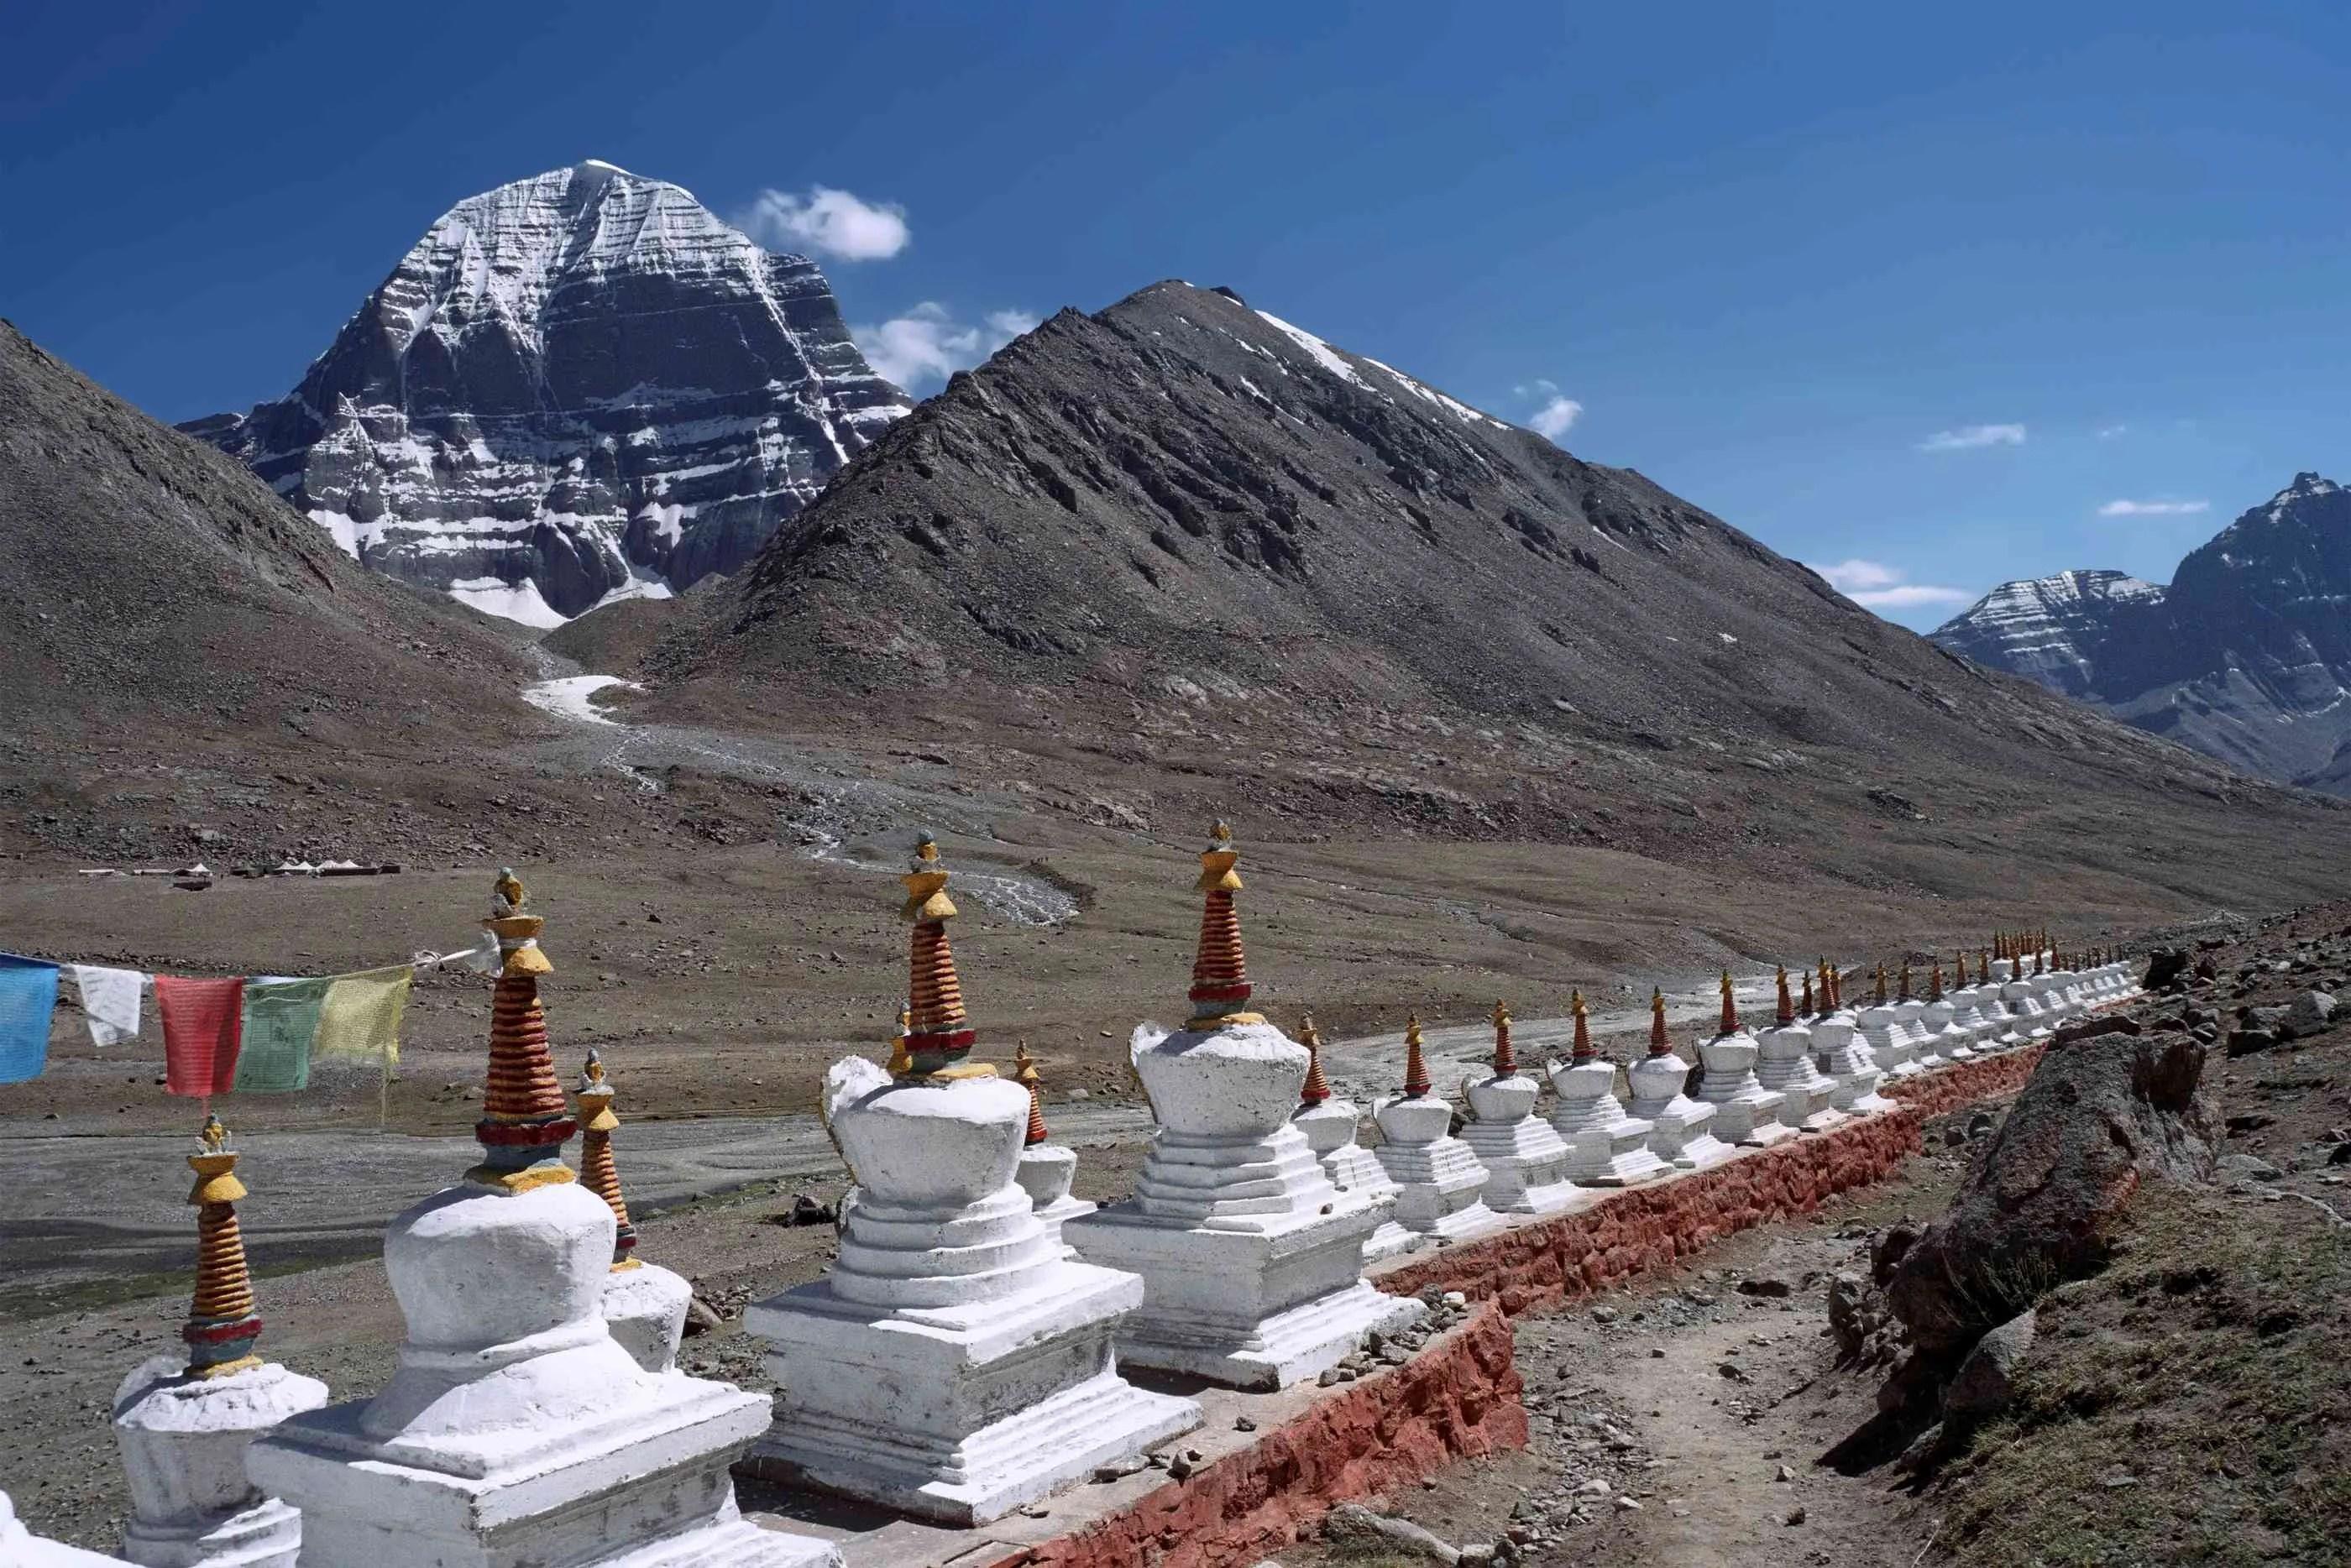 Trekking around Mt Kailash in Tibet